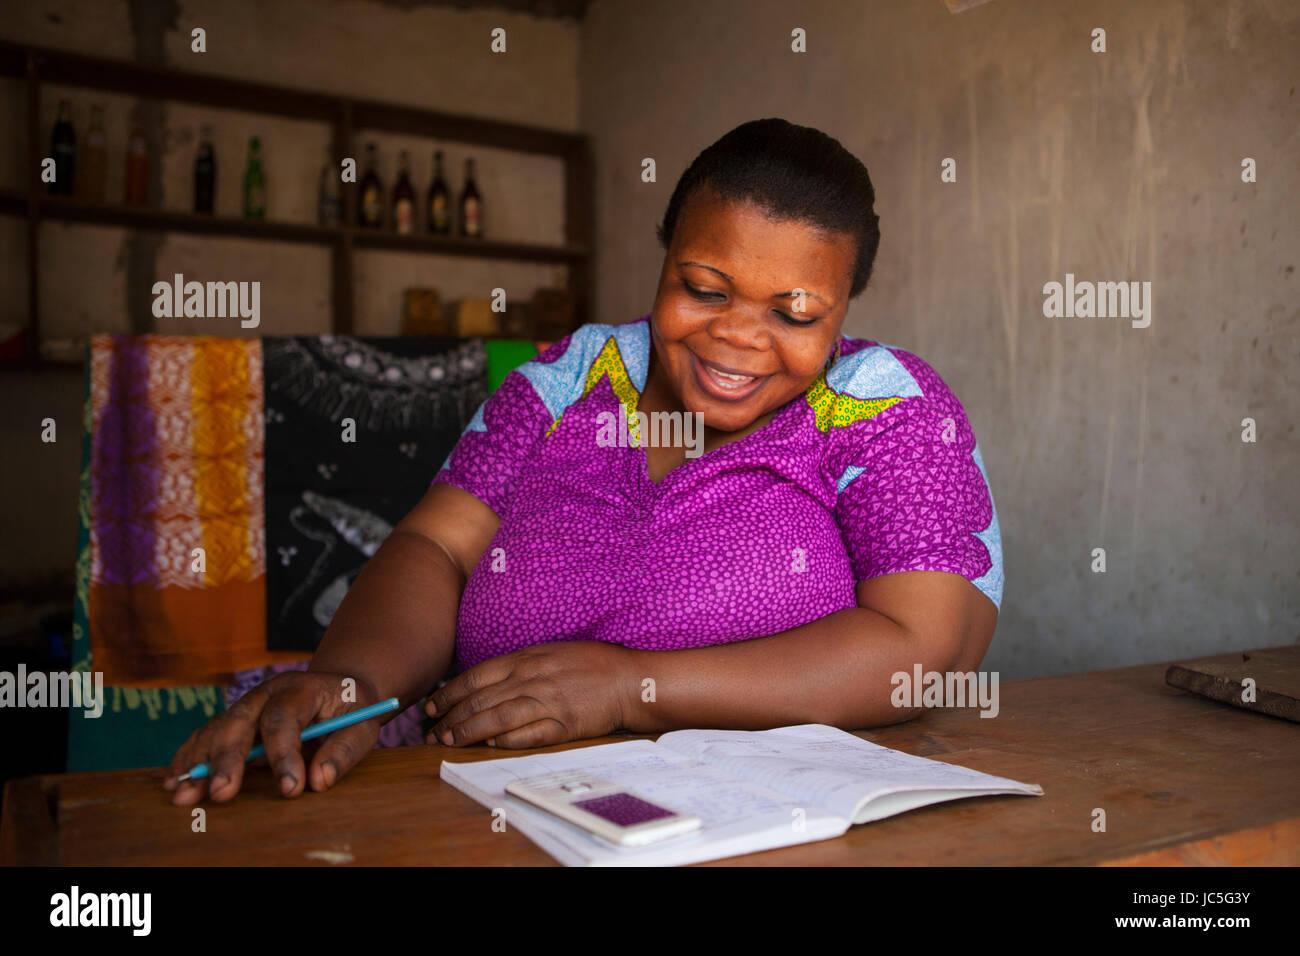 Une femme propriétaire de petite entreprise faisant quelques tenue de livres, Tanzania, Africa Photo Stock